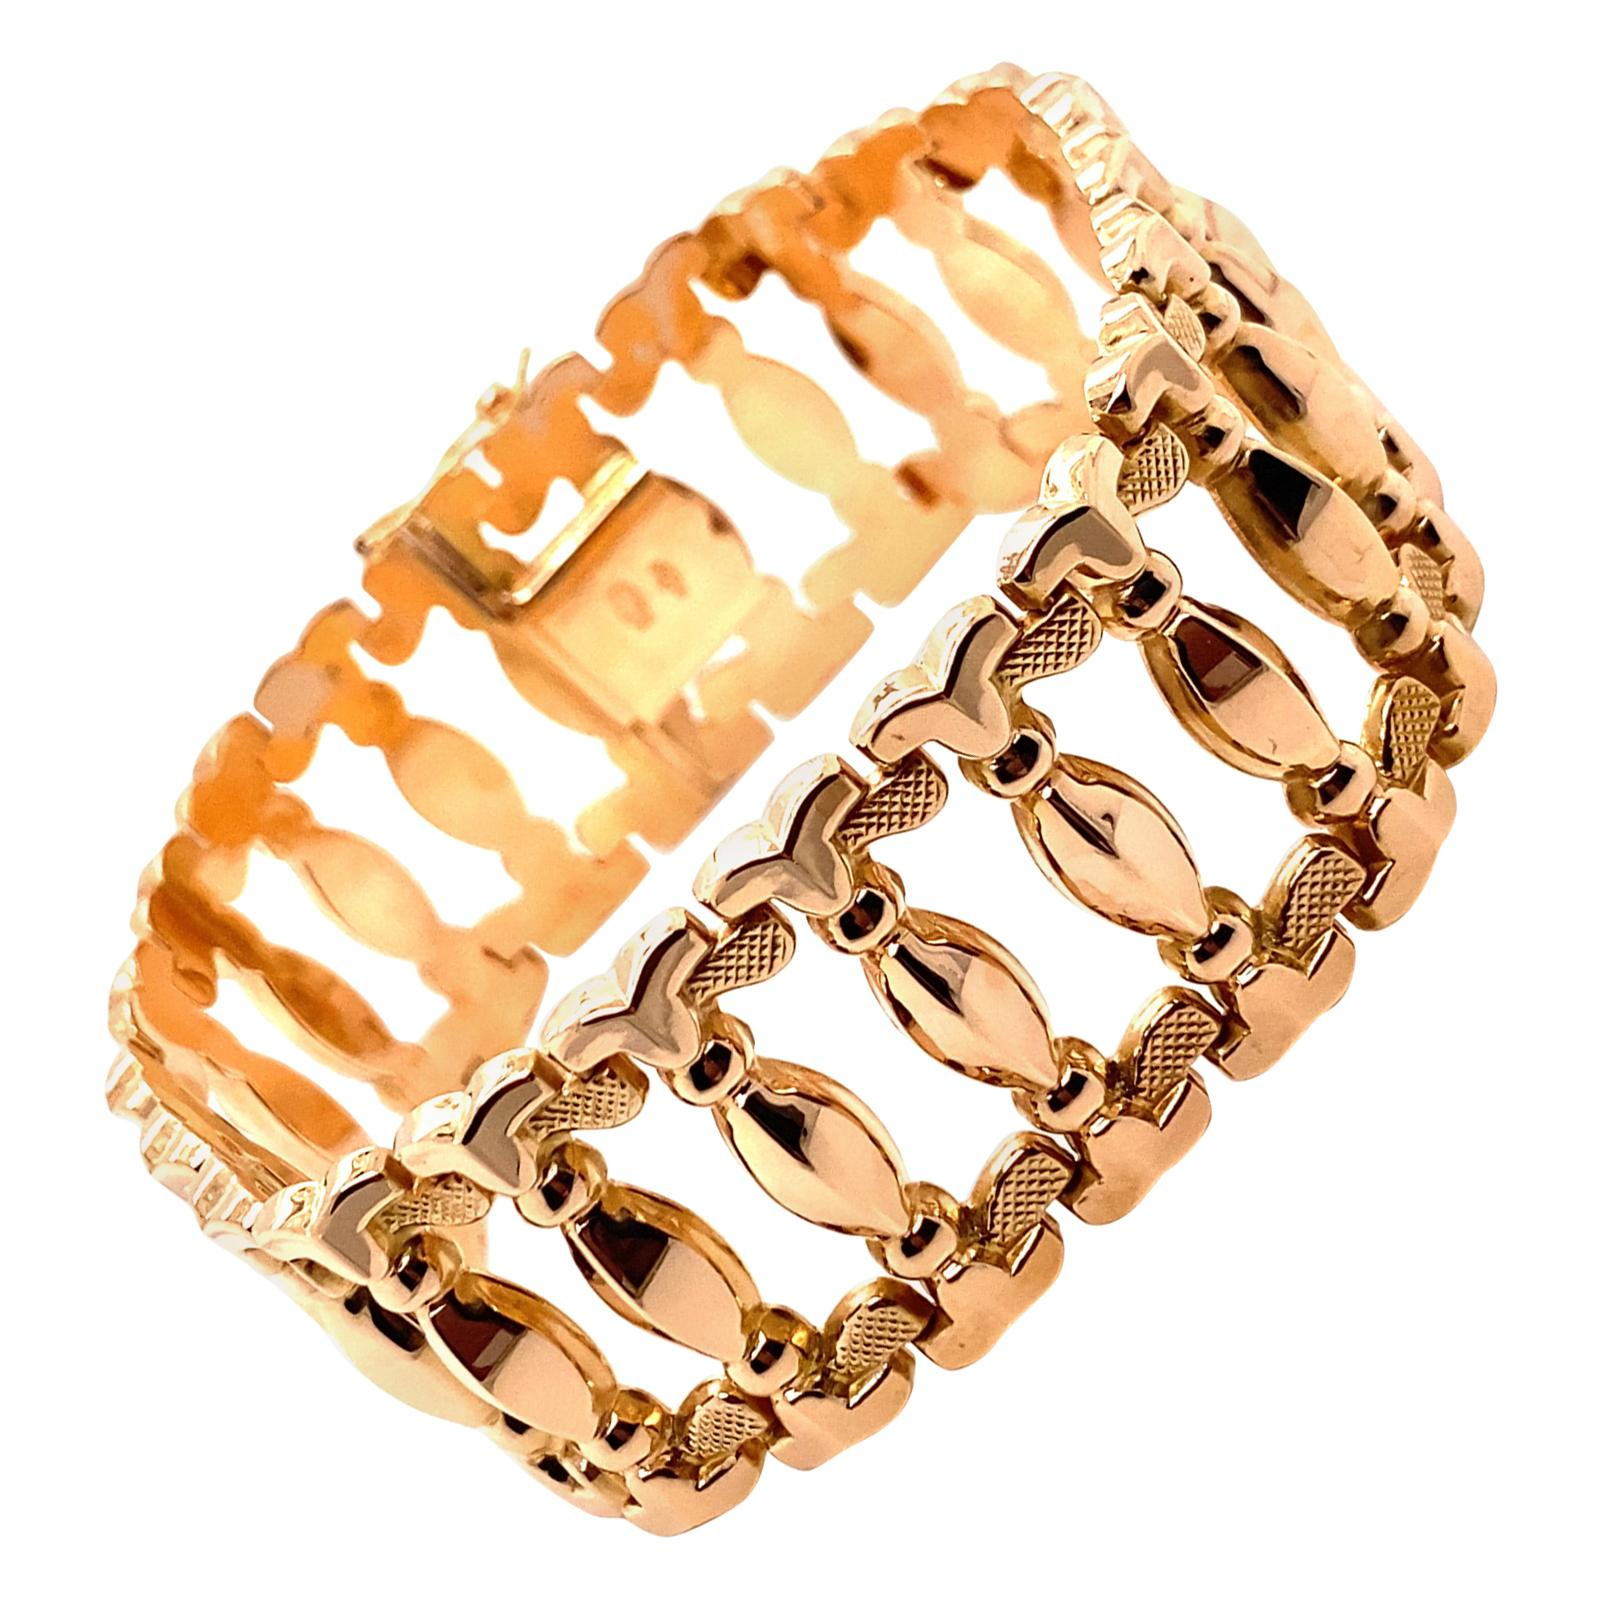 Vintage 1960s 18 Karat Rose Gold Retro Wide Link Bracelet